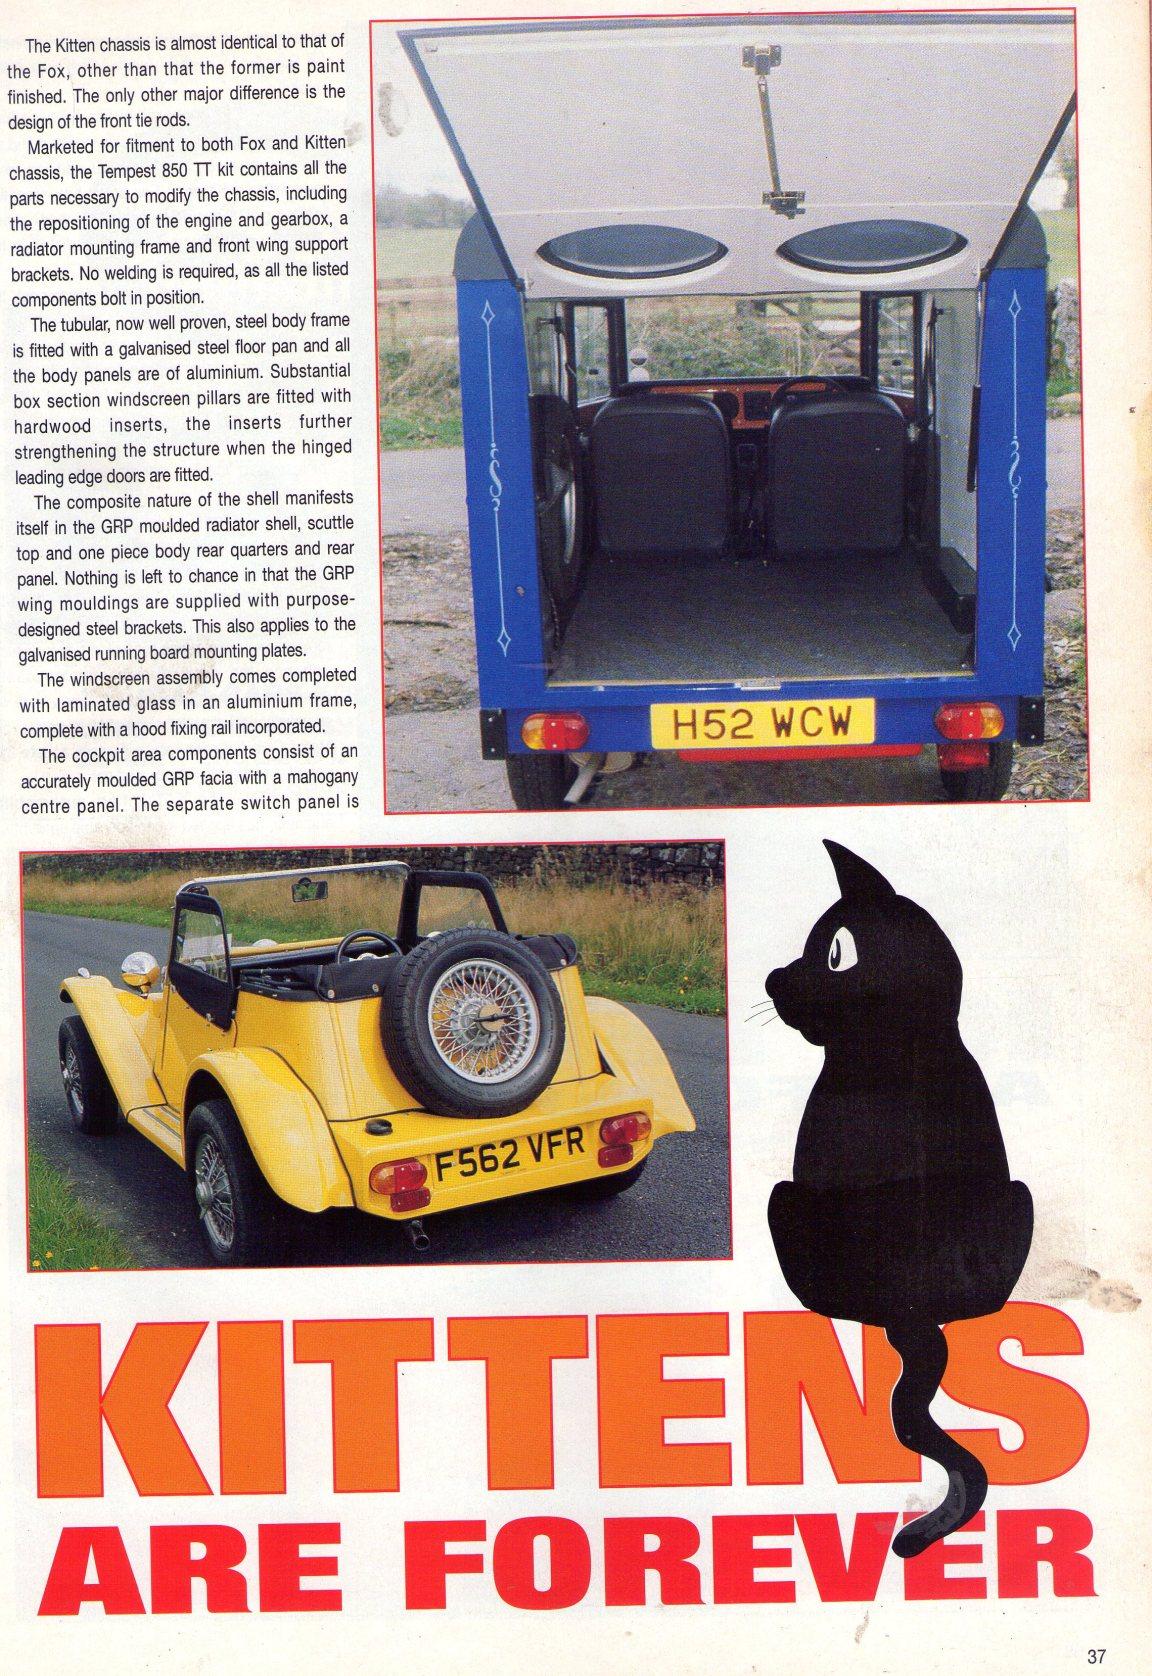 kitcar 91 3